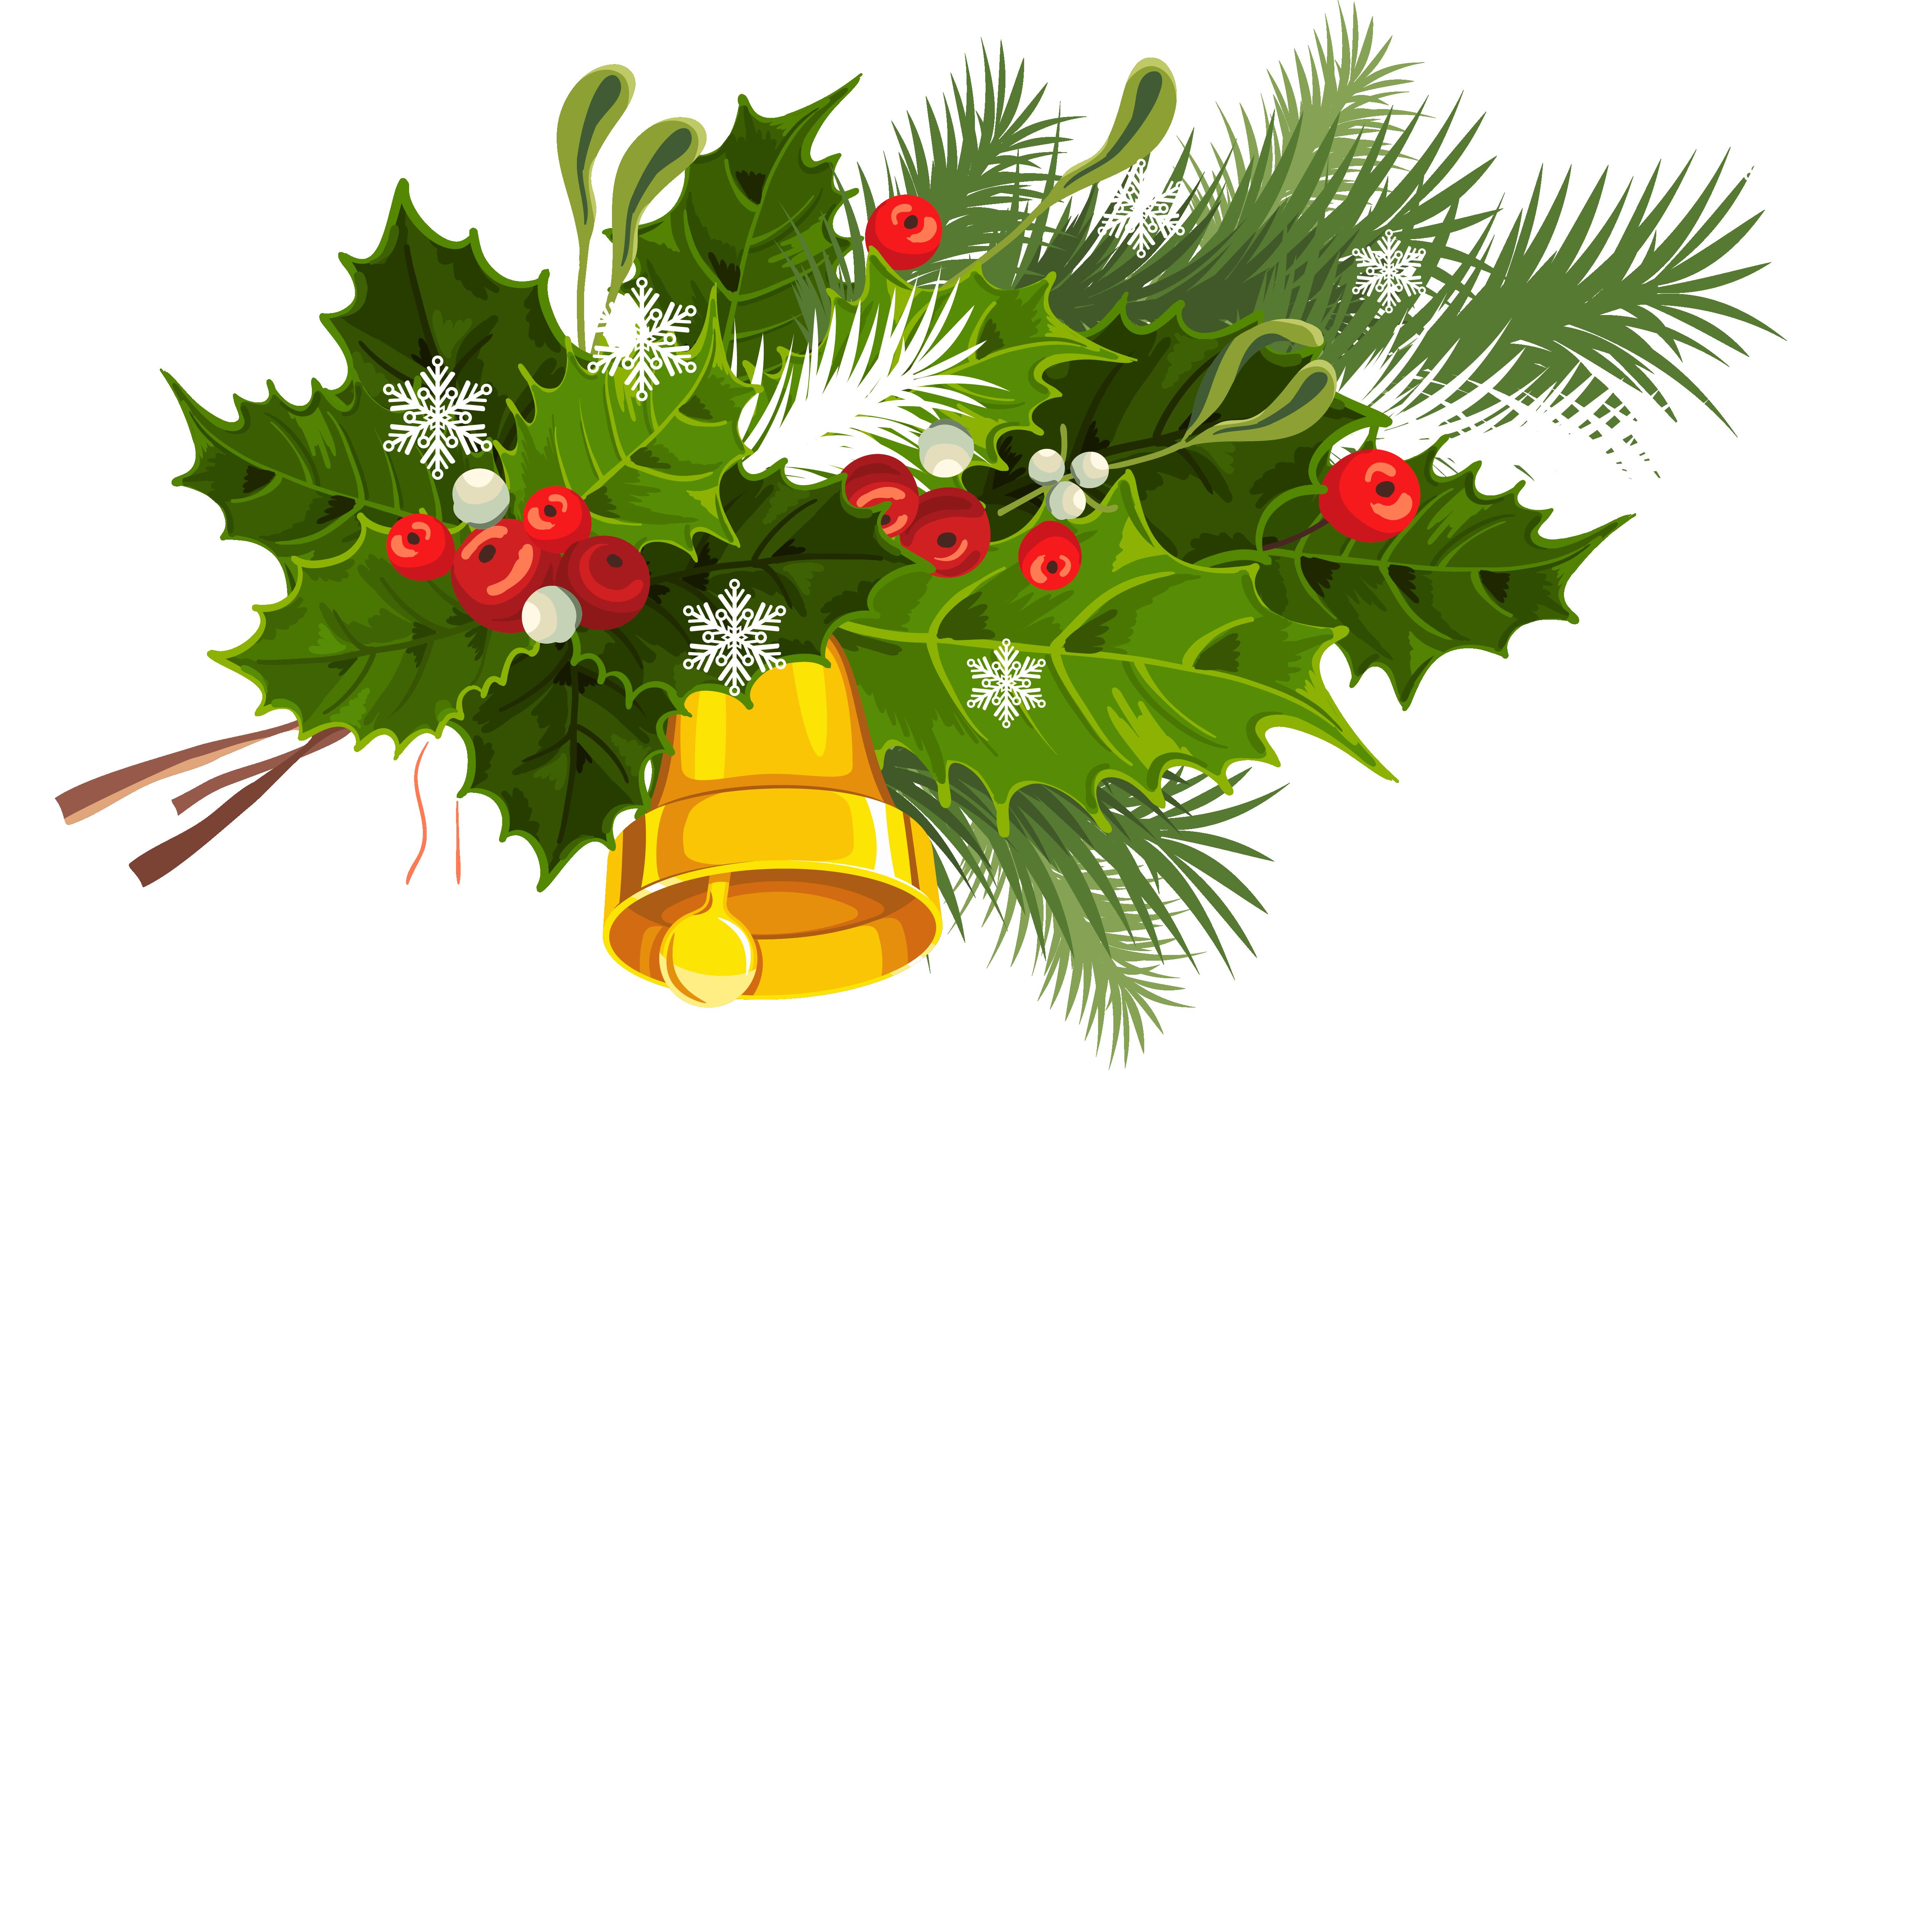 Christmas Bell Image.